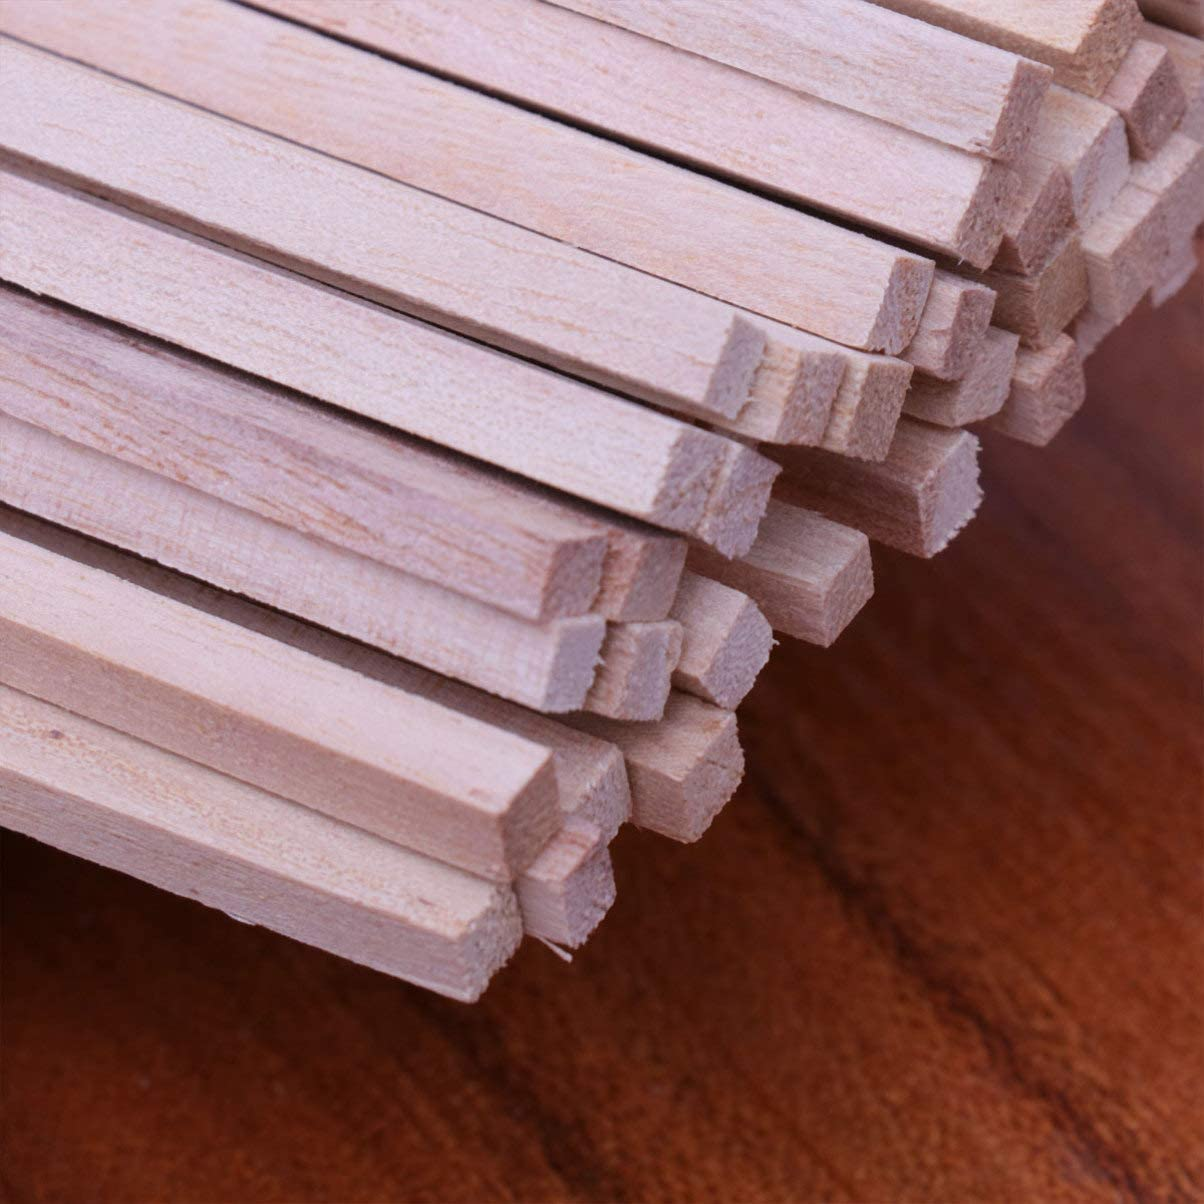 50 unidades Varillas de madera sin terminar Artibest varillas de madera para manualidades